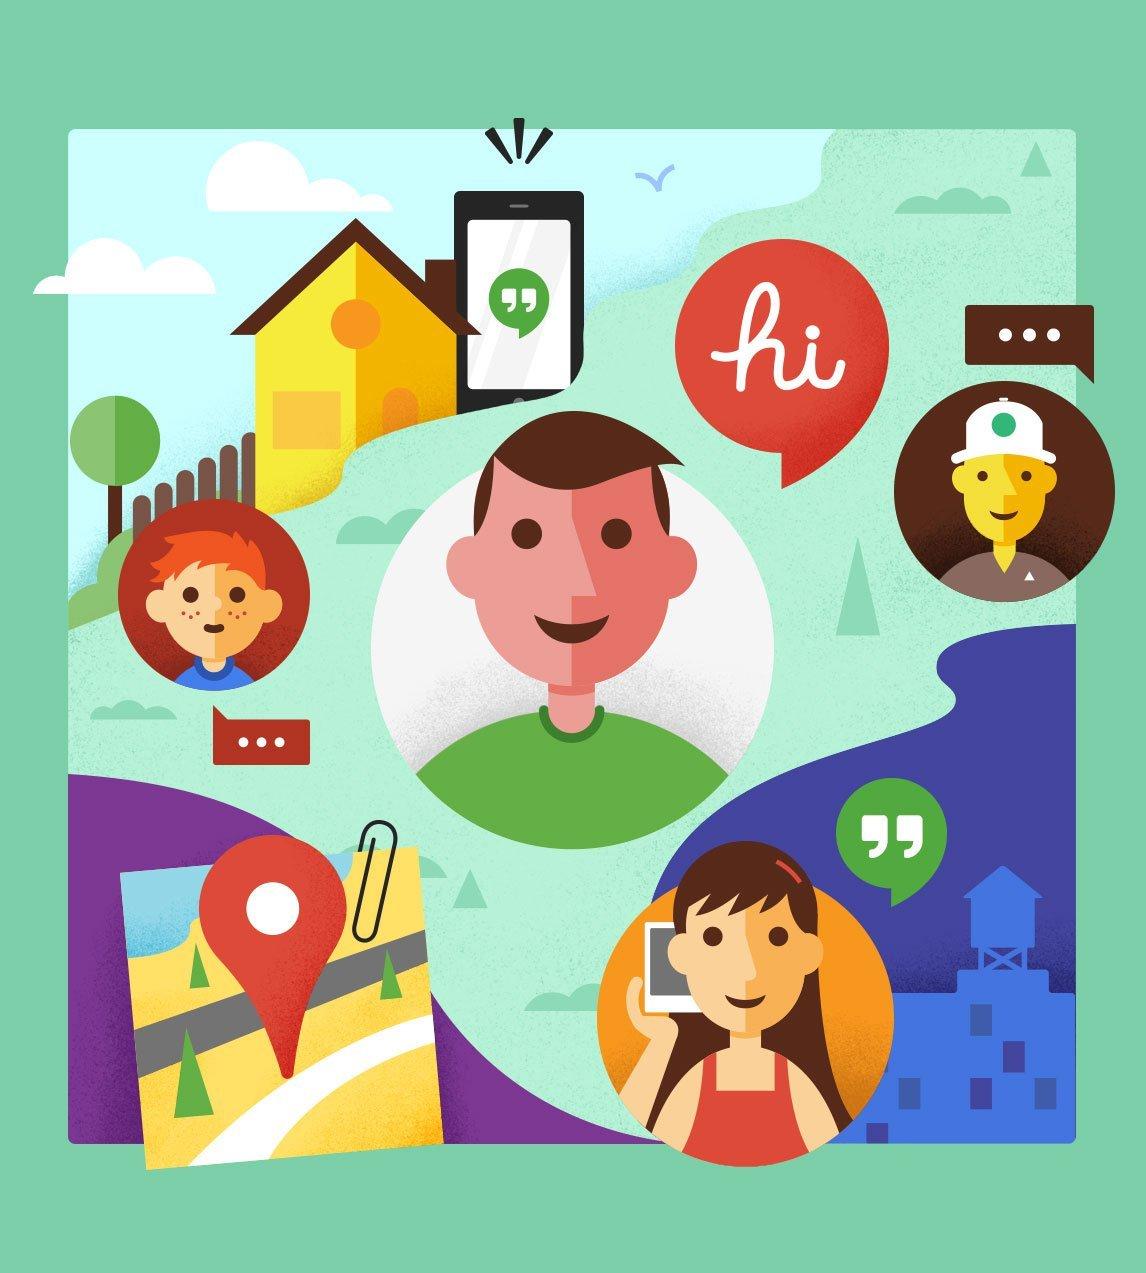 Jolby & Friends - Google Hangouts